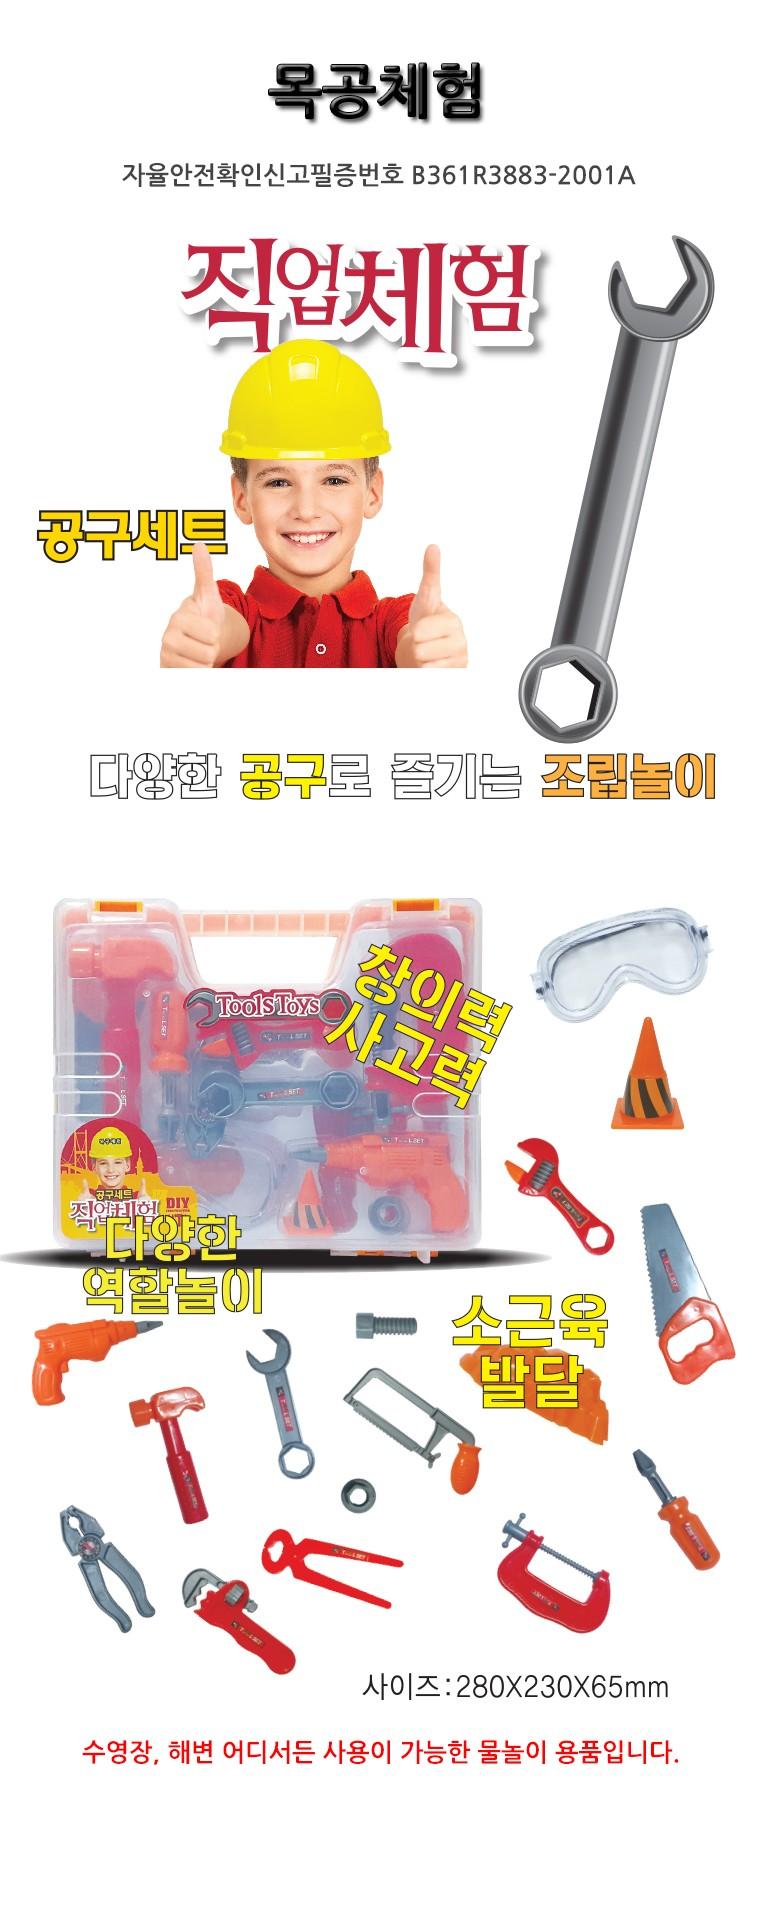 장난감 공구세트 역할놀이 땡처리 최저가 도도매